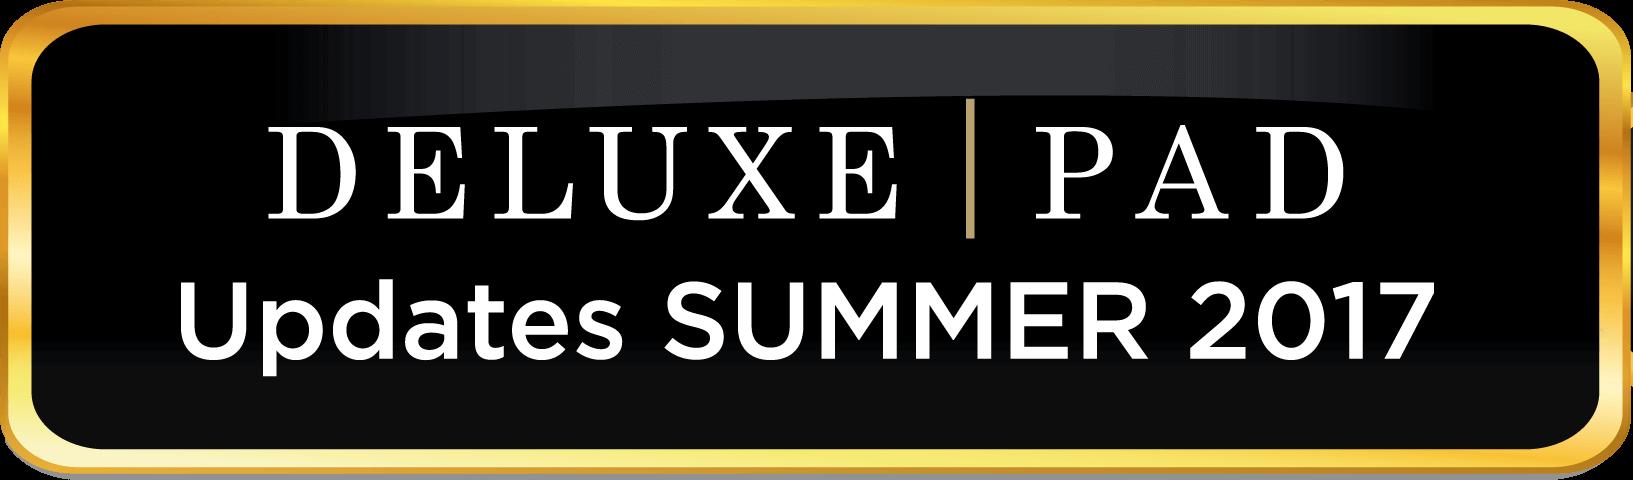 DeluxePad Updates Summer 2017